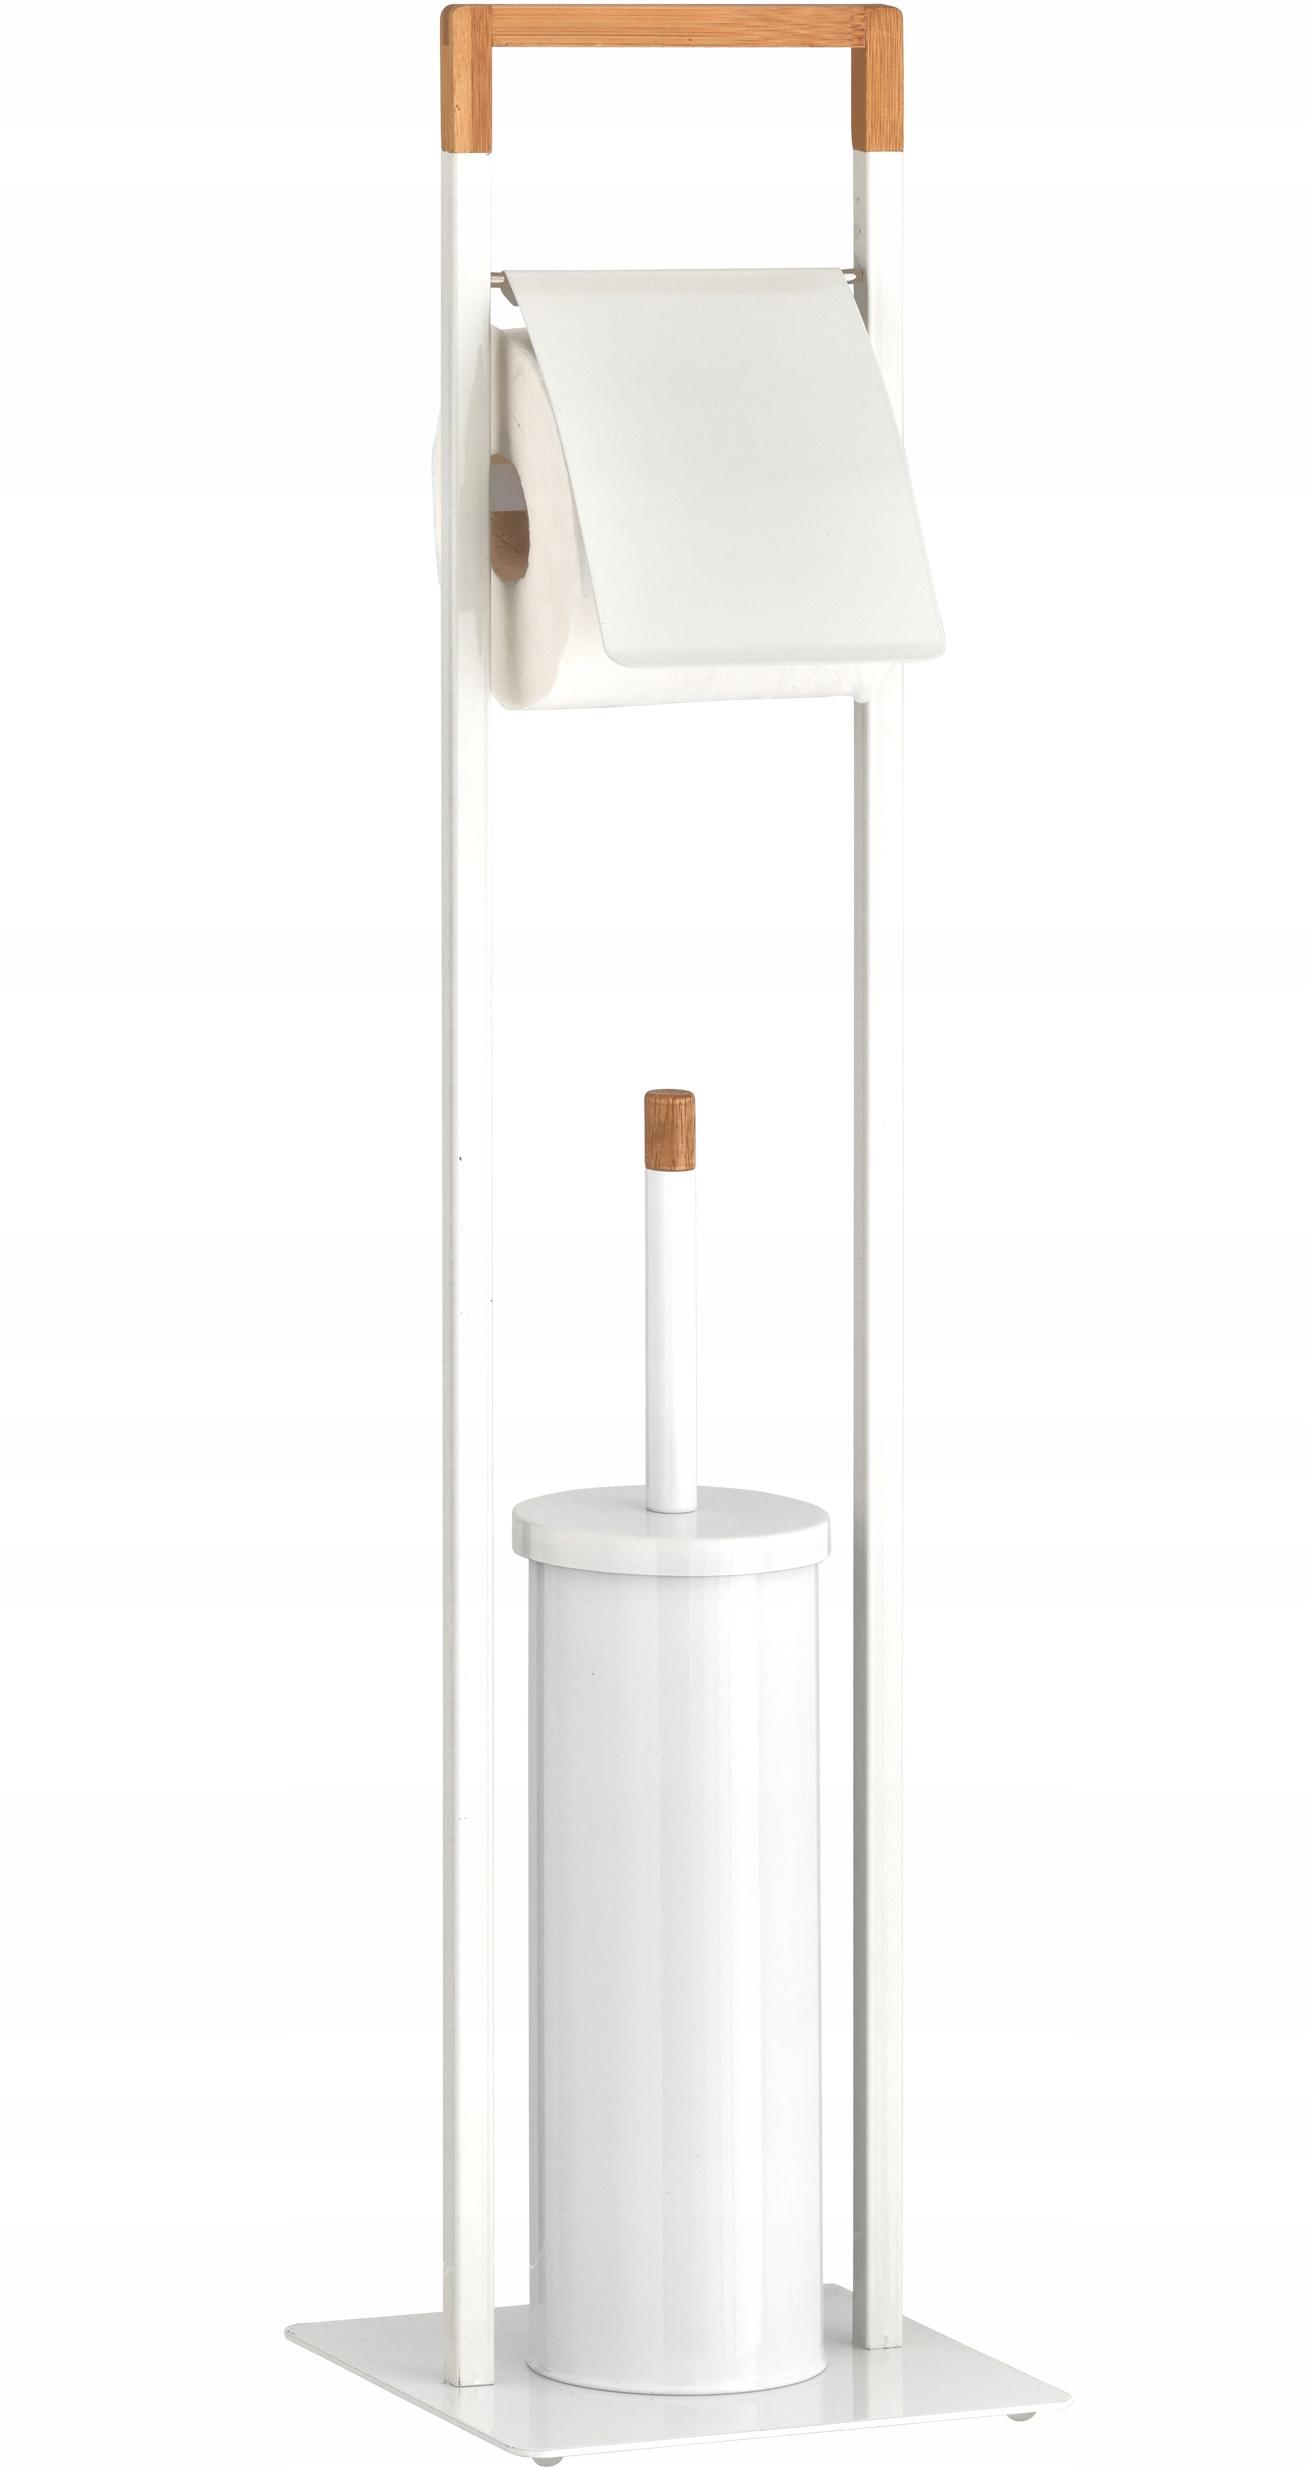 Stojan na toaletný papier + WC štetec BIELY 2v1